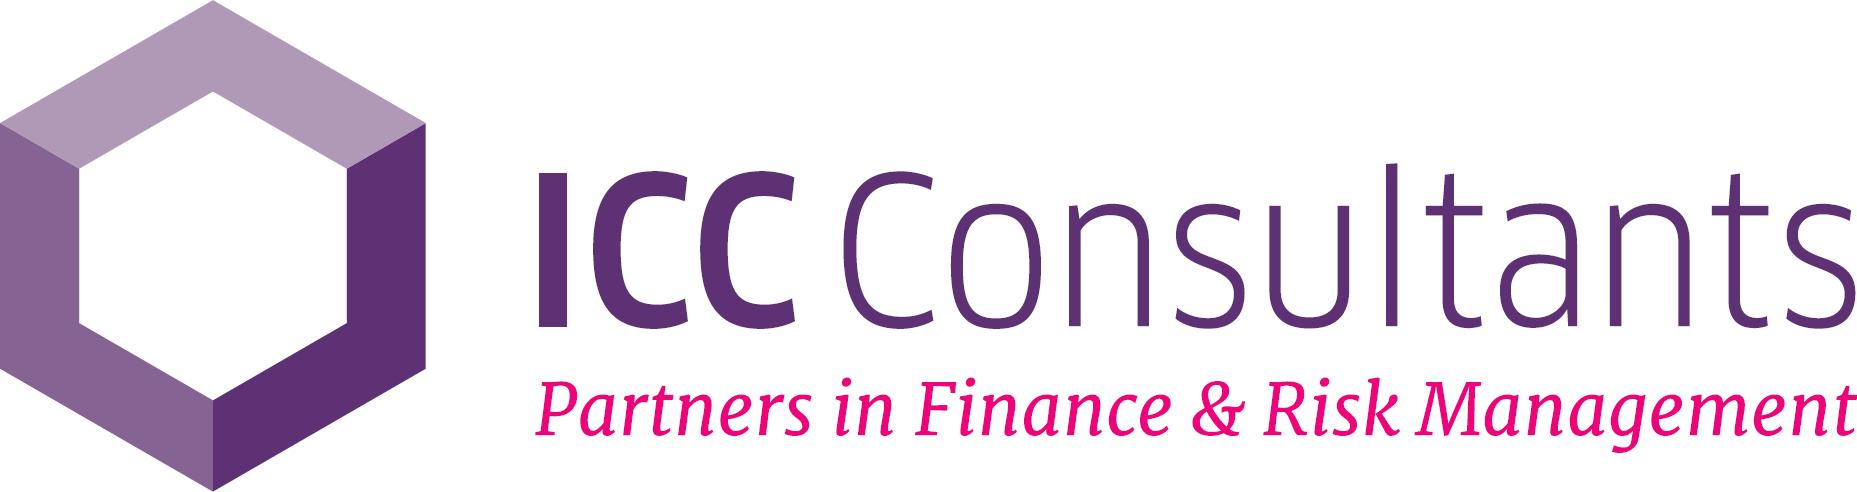 ICC Consultants BV